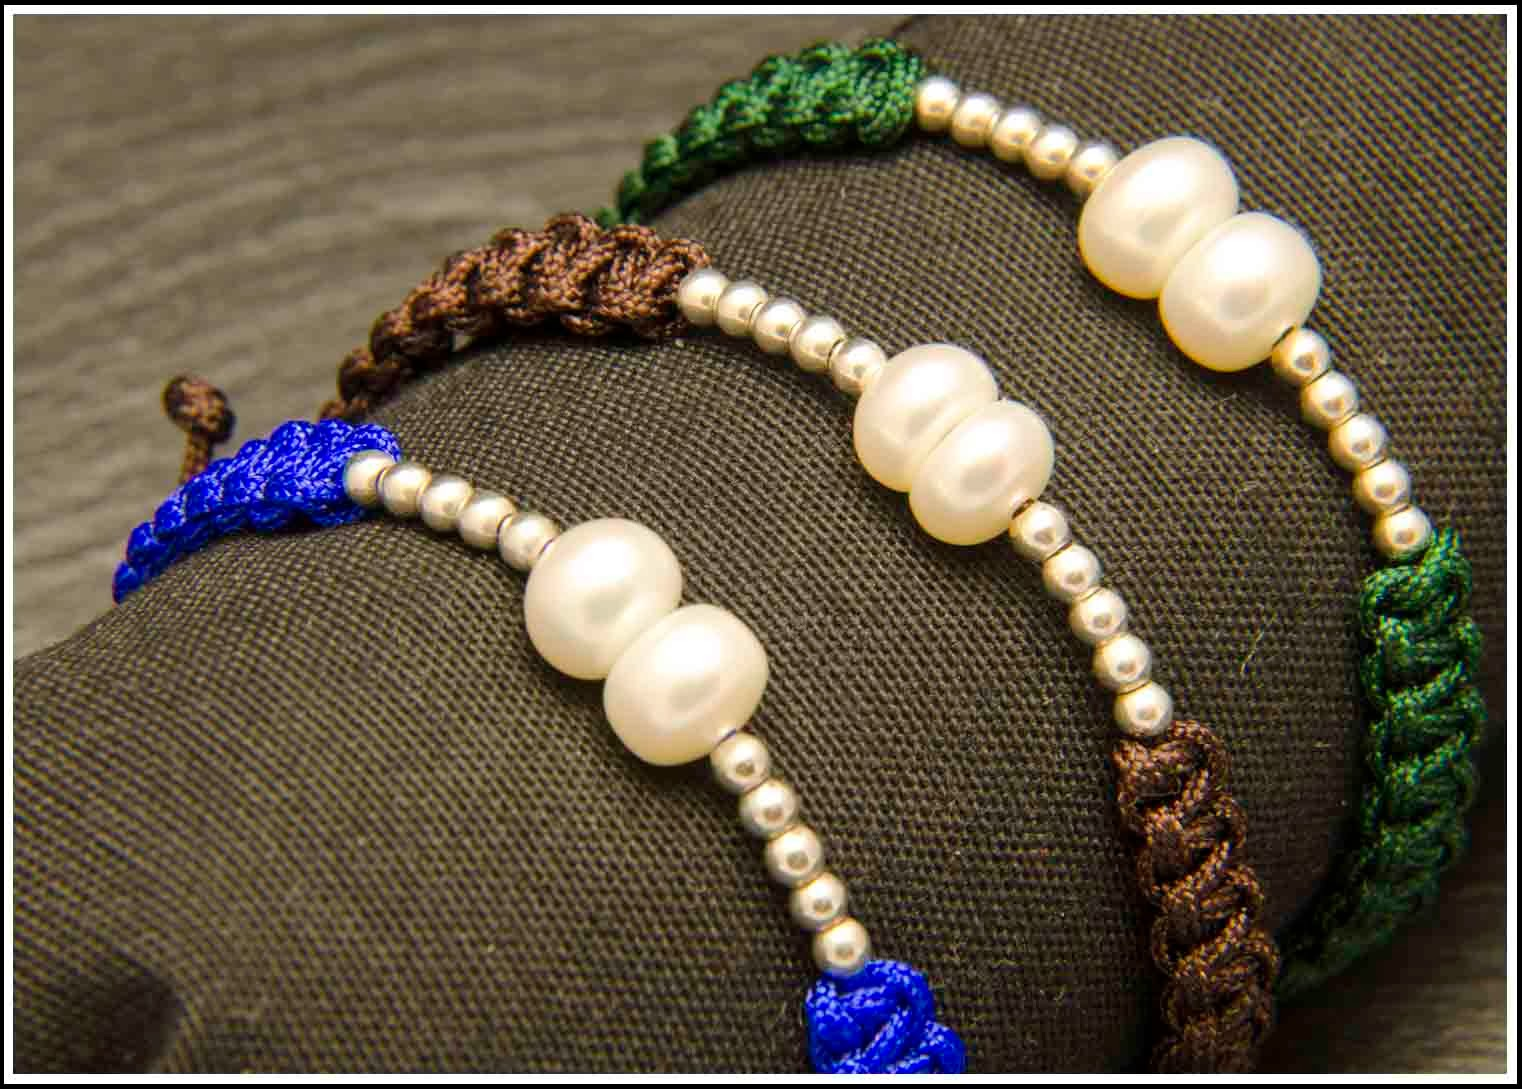 Pulseras de perlas naturales y plata 925 montadas en nylon con terminales de plata